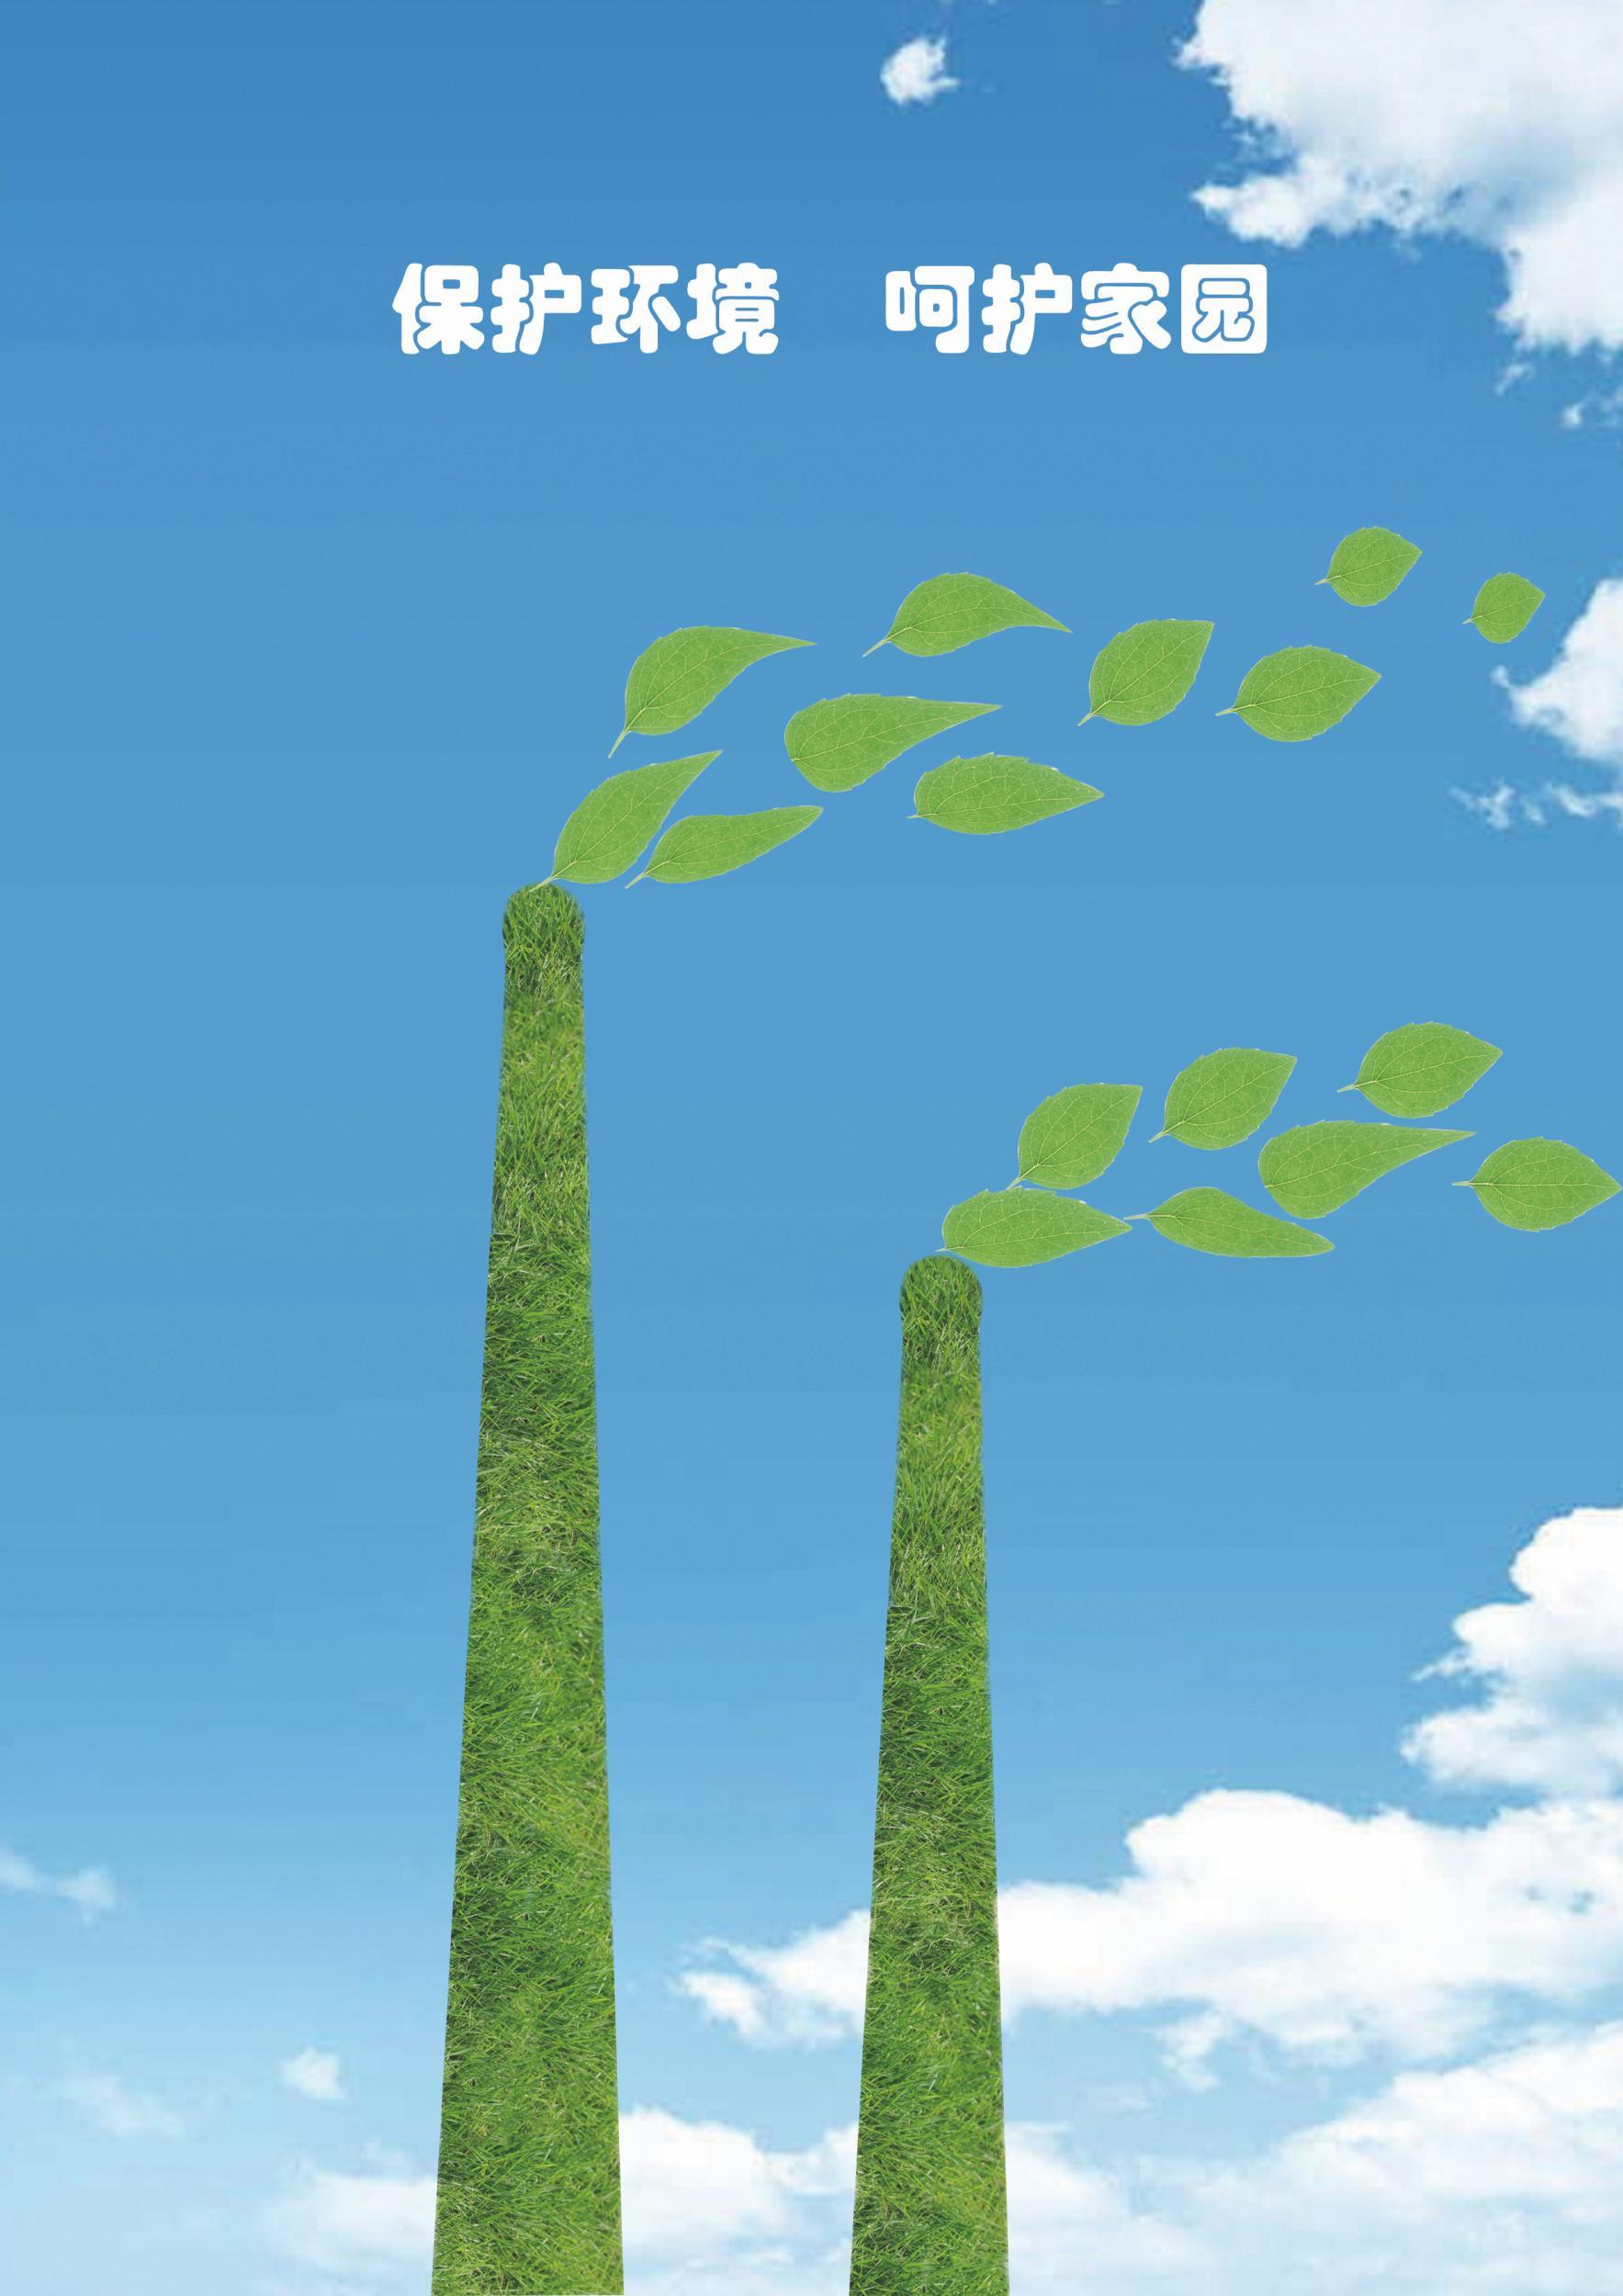 【公益广告】保护环境